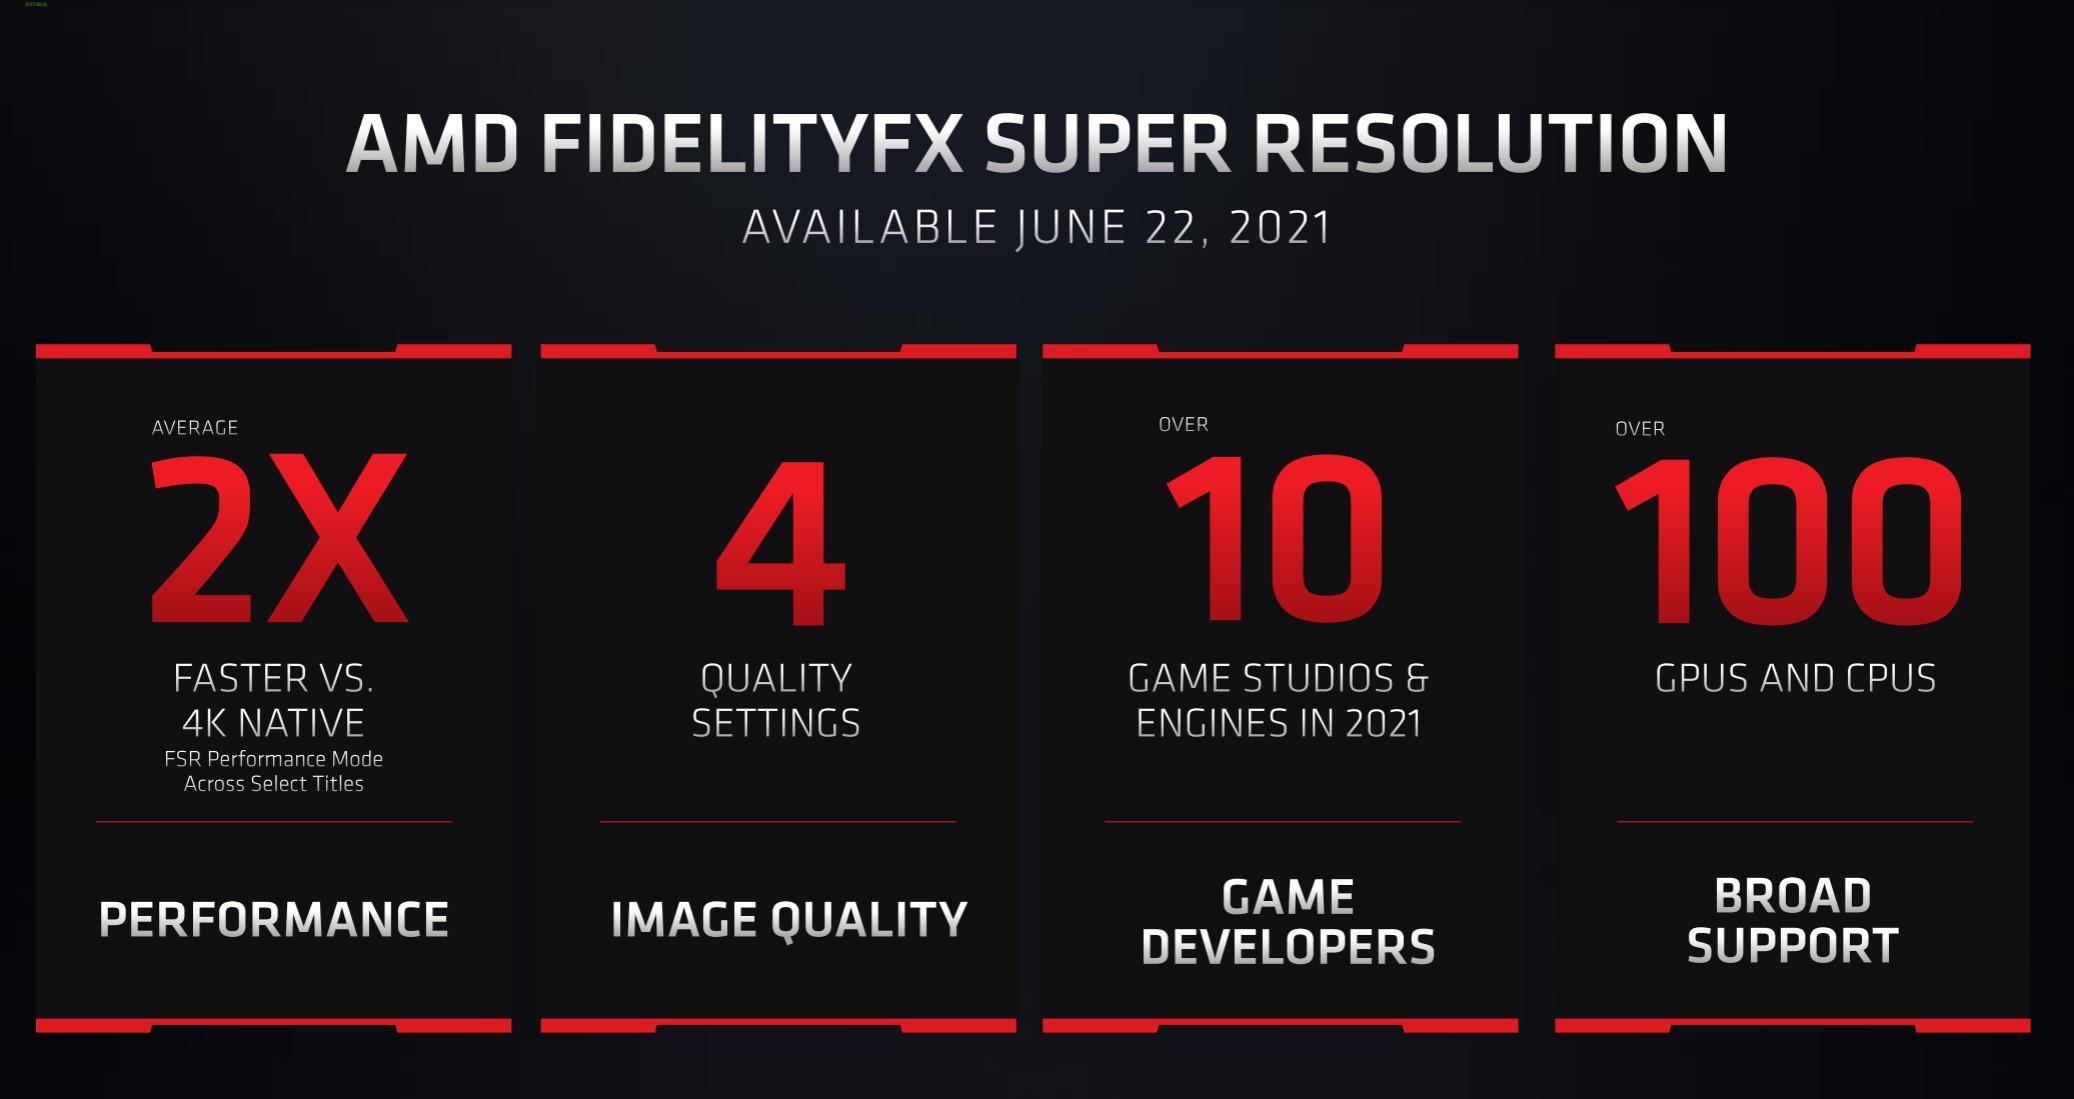 FidelityFX Super Resolution Çıkış Tarihi